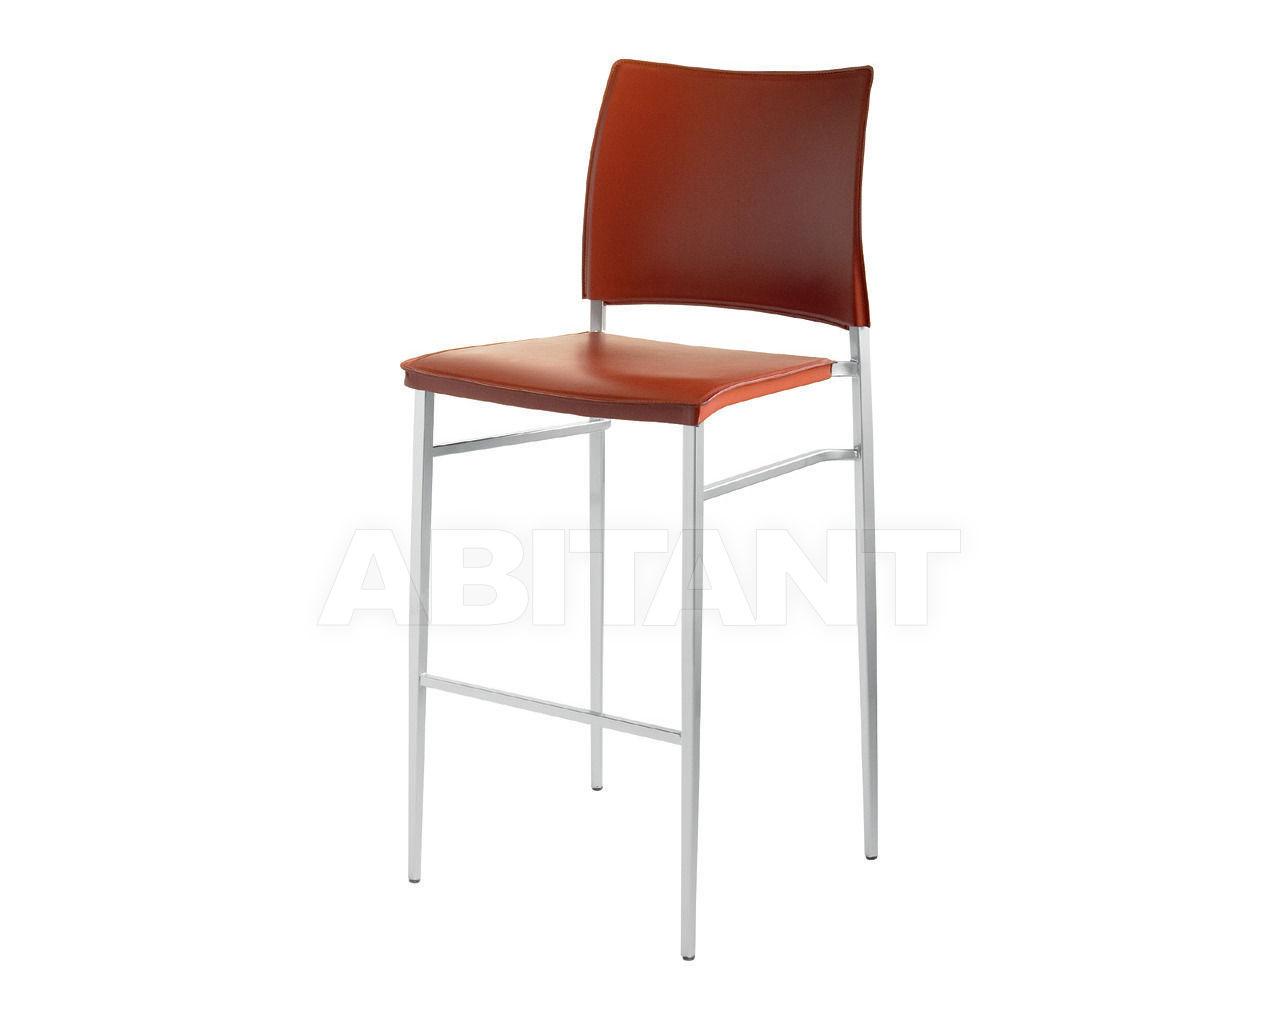 Купить Барный стул Biebi /Sedie Design Equilibrium B339